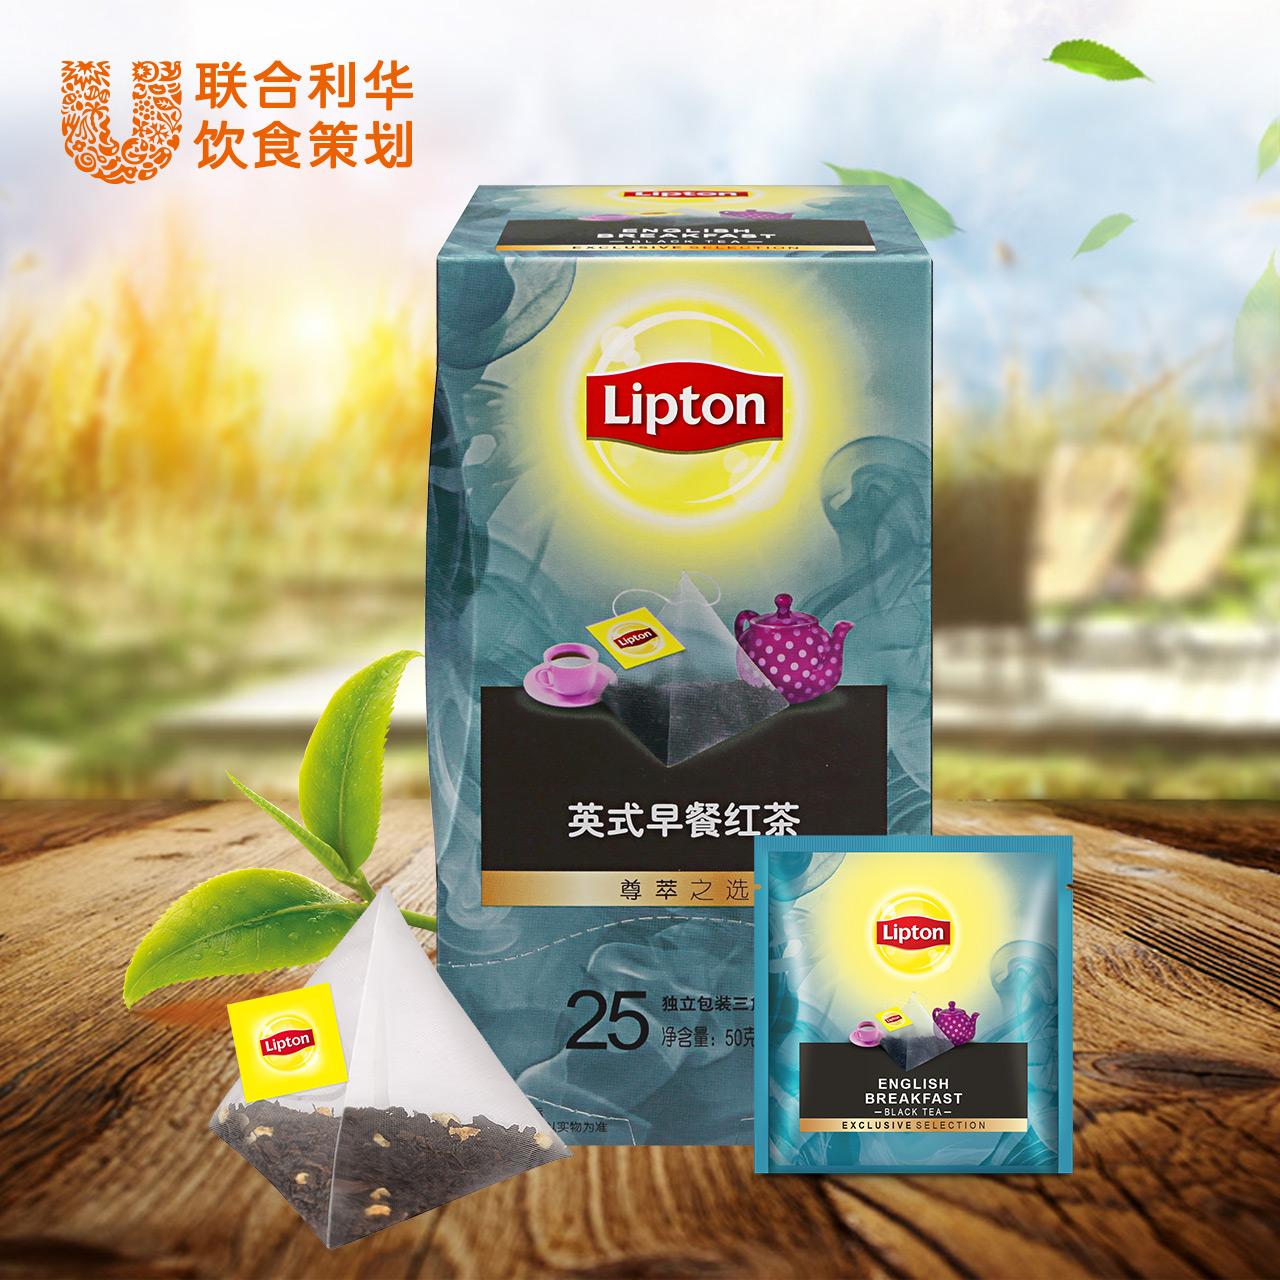 立顿Lipton英式早餐红茶尊萃三角包25包茶包50g袋泡调味茶叶G25